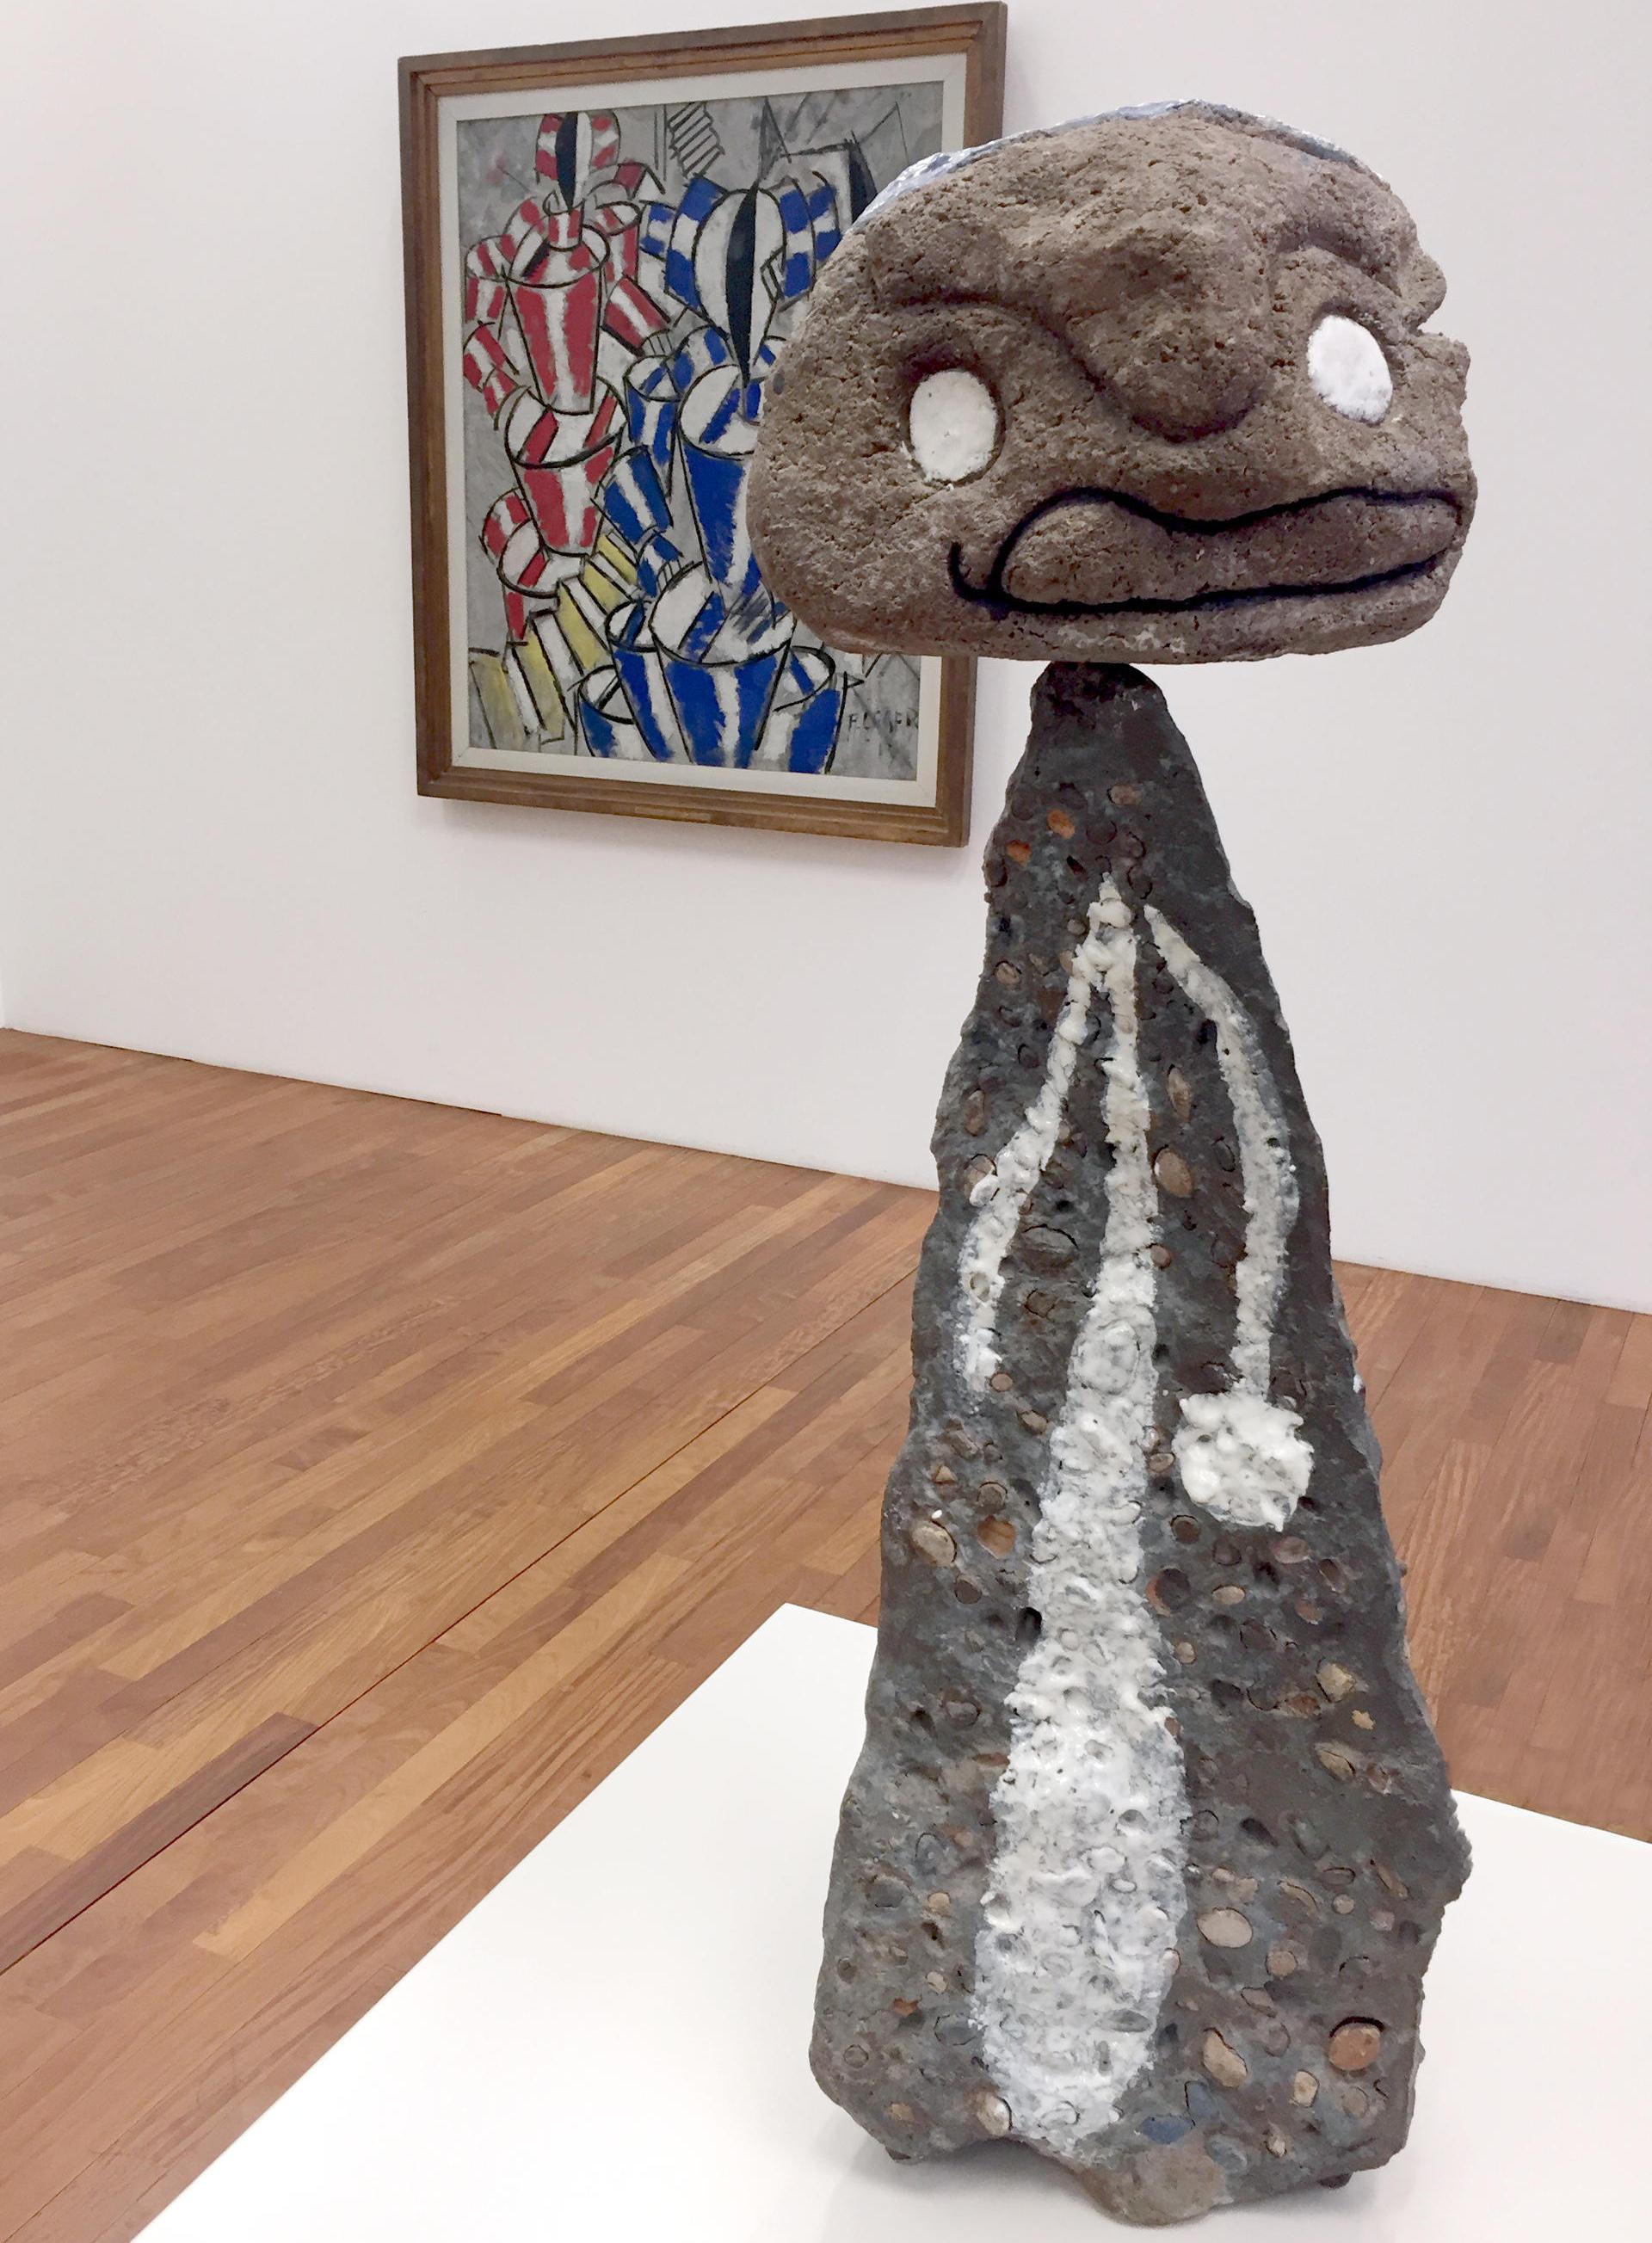 zurych zurich sztuka muzeum rzeźba kunsthaus iglawpodrozy